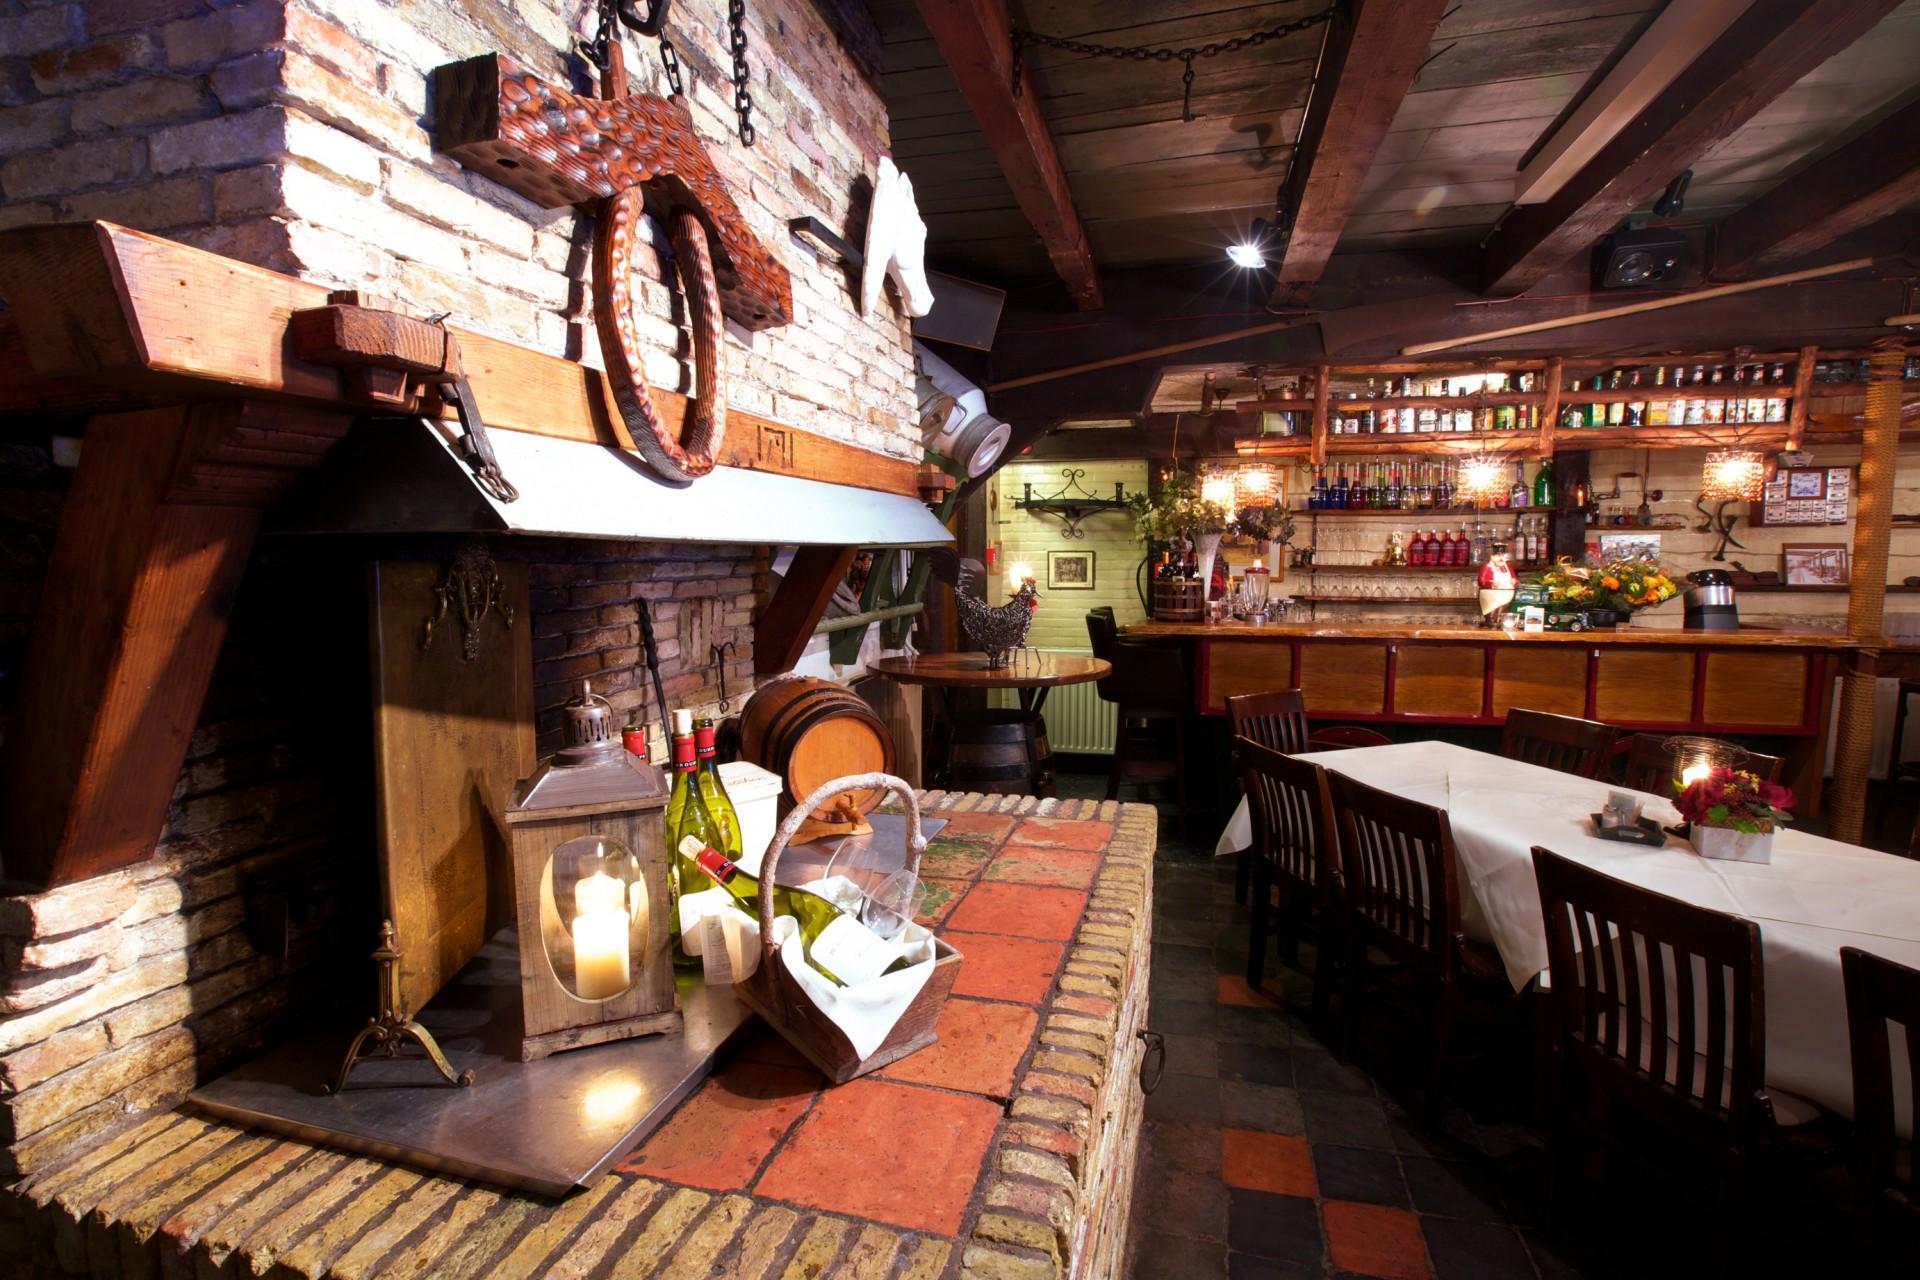 Nadorst-restaurant-uitspanning-faciliteiten-zalen-de-paardenstal-2